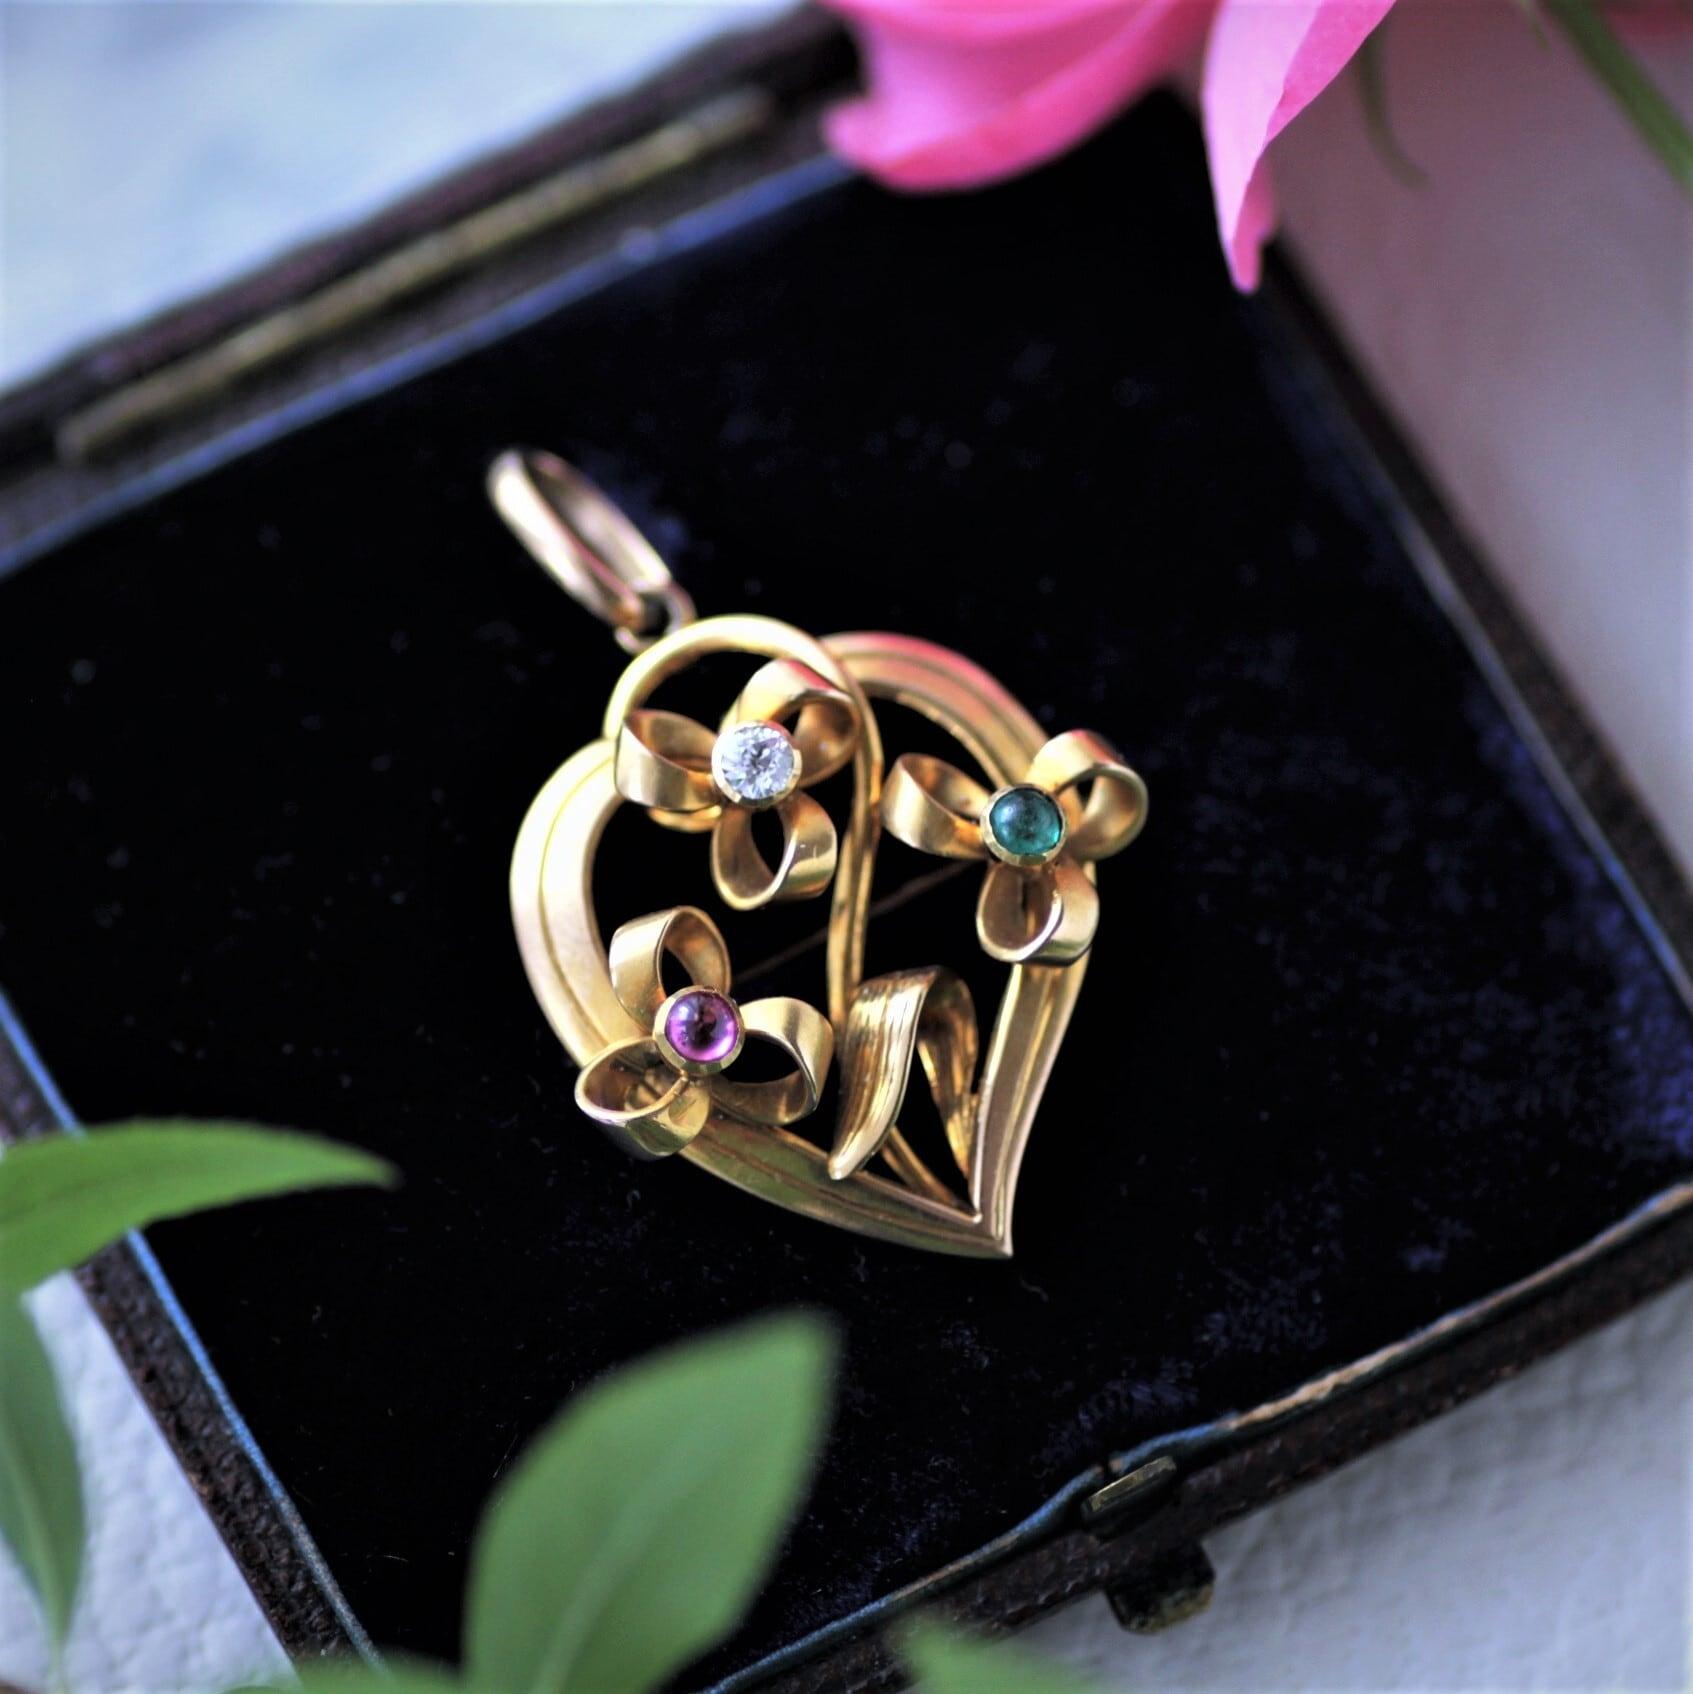 Diamond,Ruby & Emerald Gold Flower Pendant/Brooch  ダイヤモンド、ルビー & エメラルド ゴールド ペンダント・フラワーブローチ